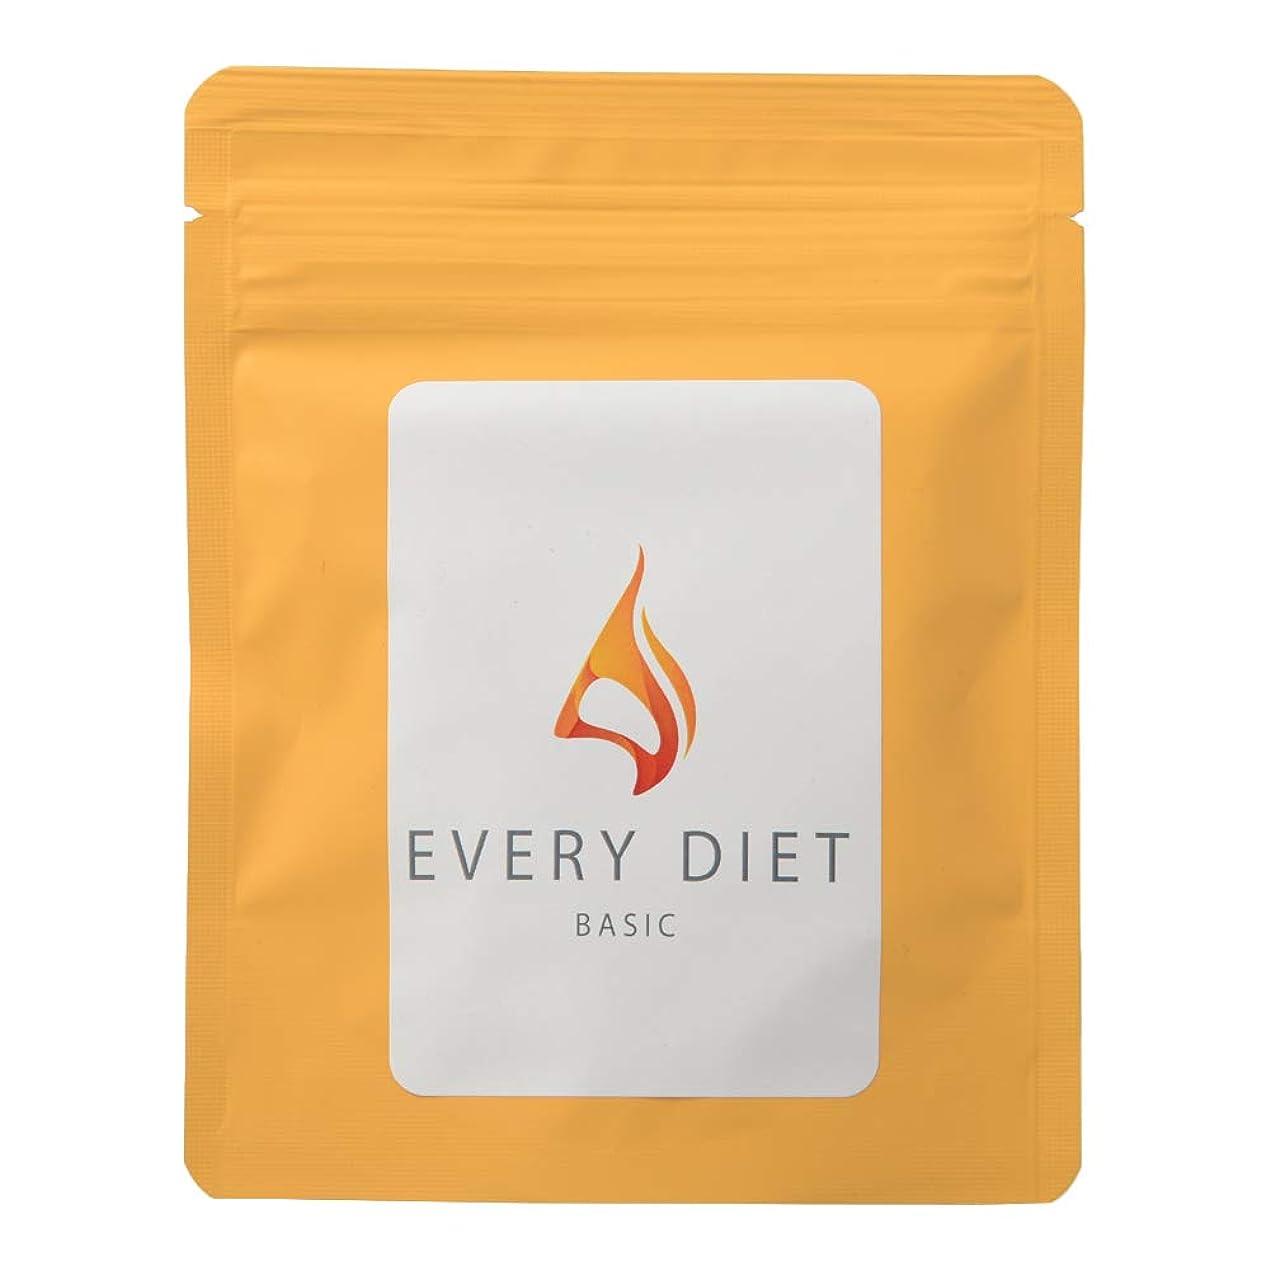 拘束相互遺体安置所Every Diet Basic (エブリダイエット ベーシック) ダイエット サプリメント [内容量60粒/ 説明書付き]